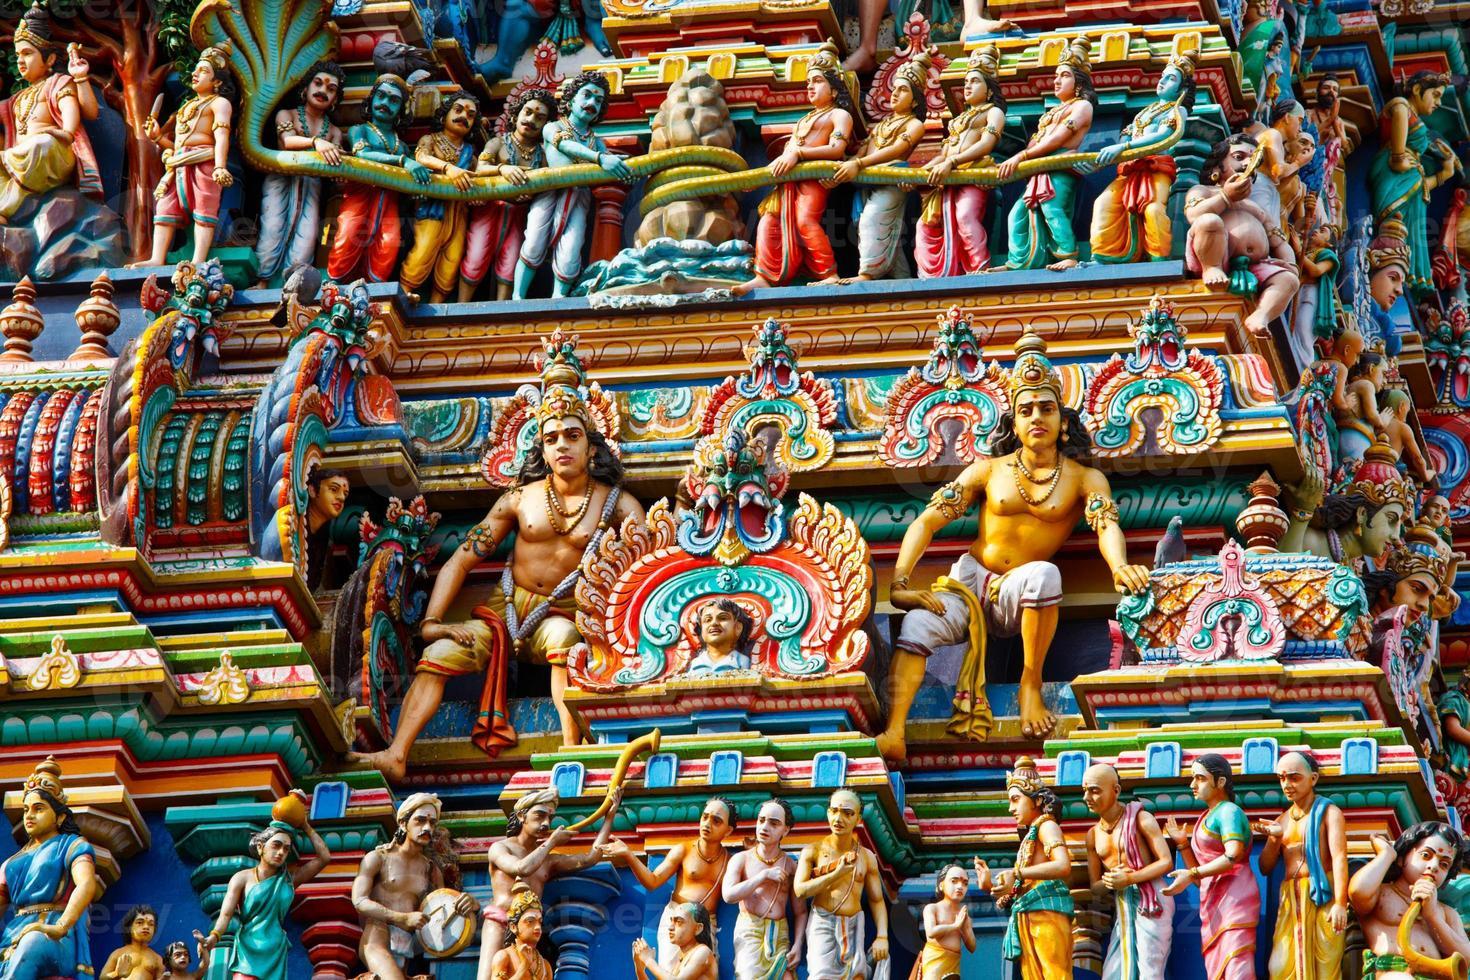 färgglada gopuram torn i hinduiska templet foto